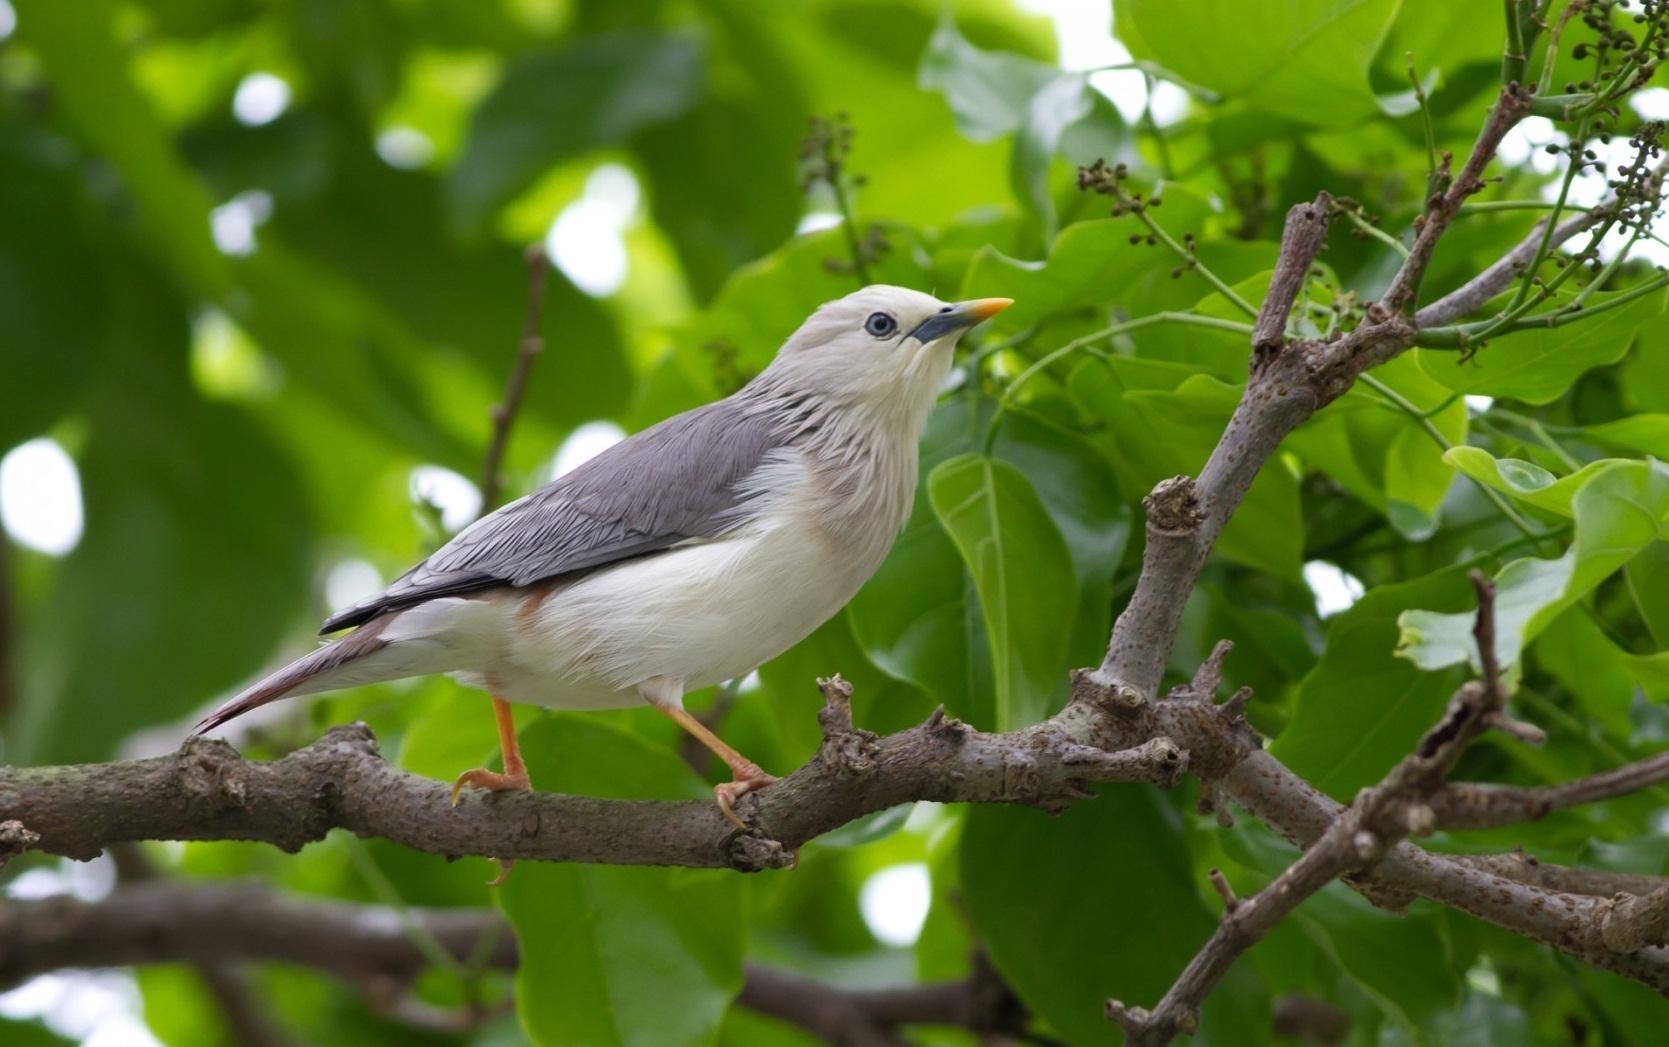 105370 скачать обои Животные, Птица, Дерево, Листья, Ветка, Серая - заставки и картинки бесплатно